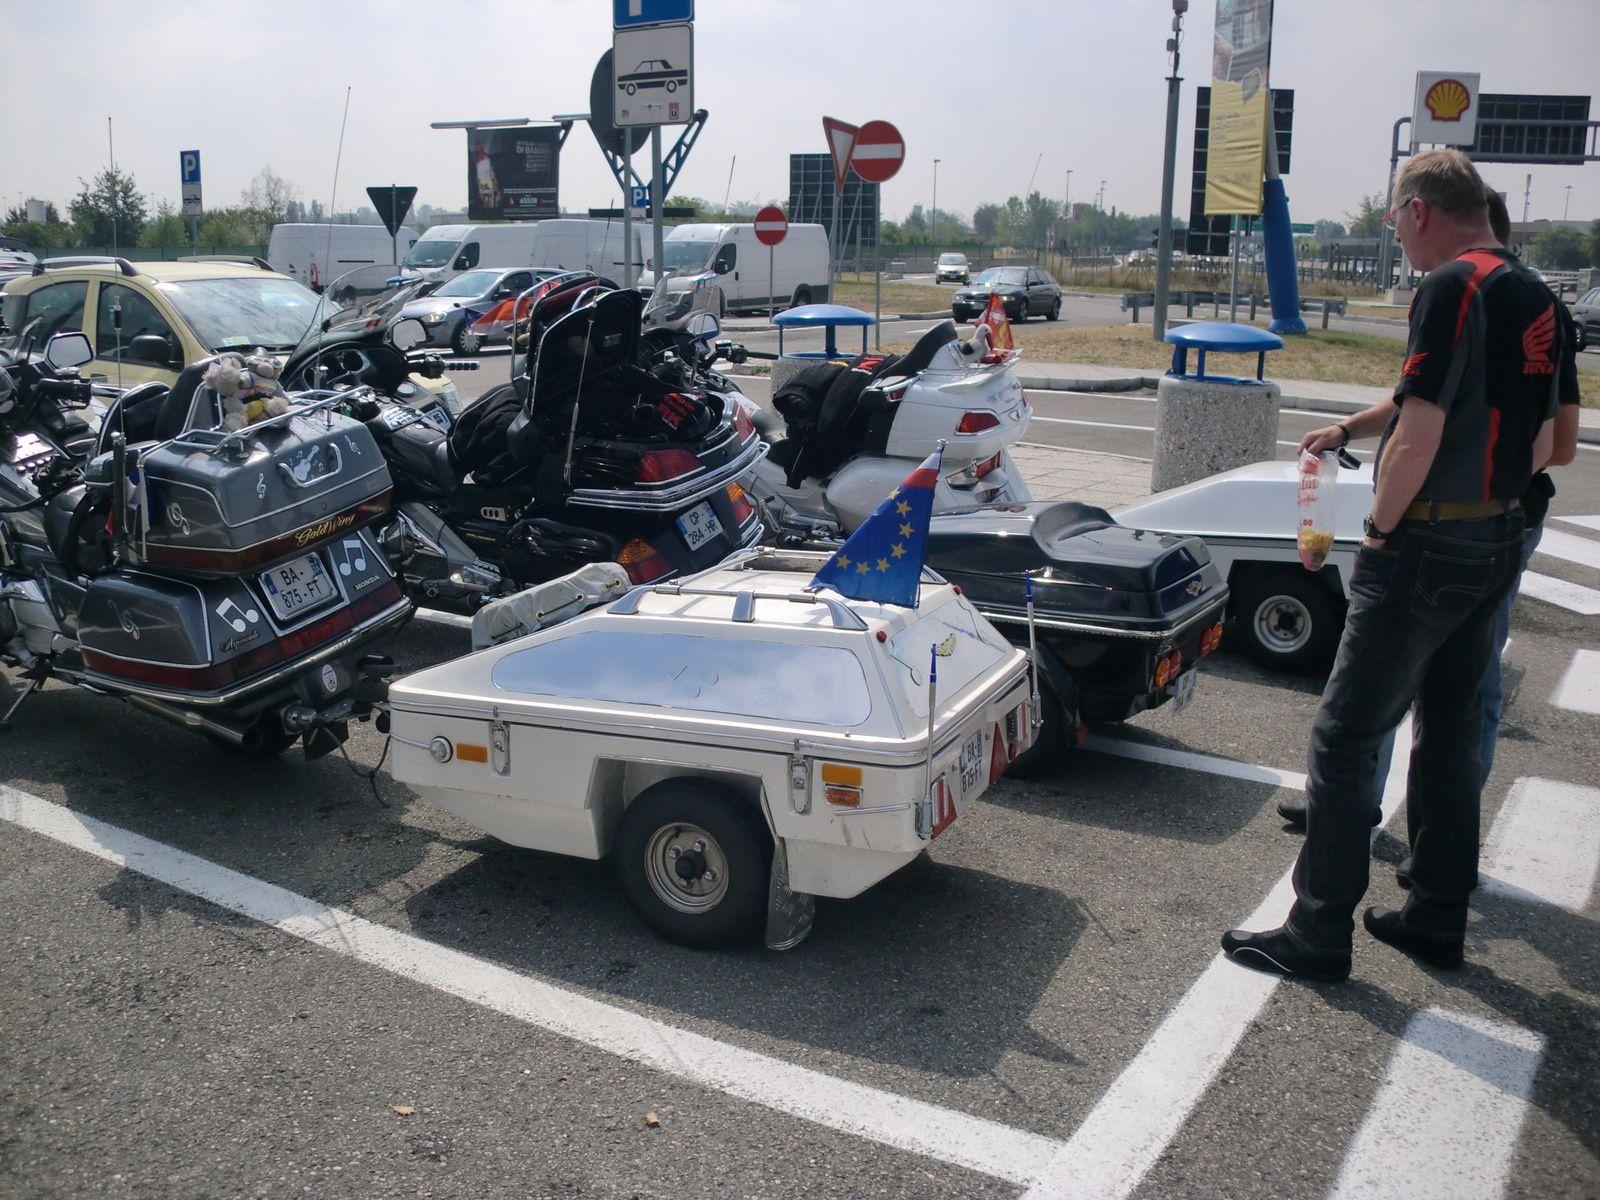 NOS MOTOS ROULENT BIEN 100 - 110 KM/H..LES MOTEURS NE CHAUFFENT PAS